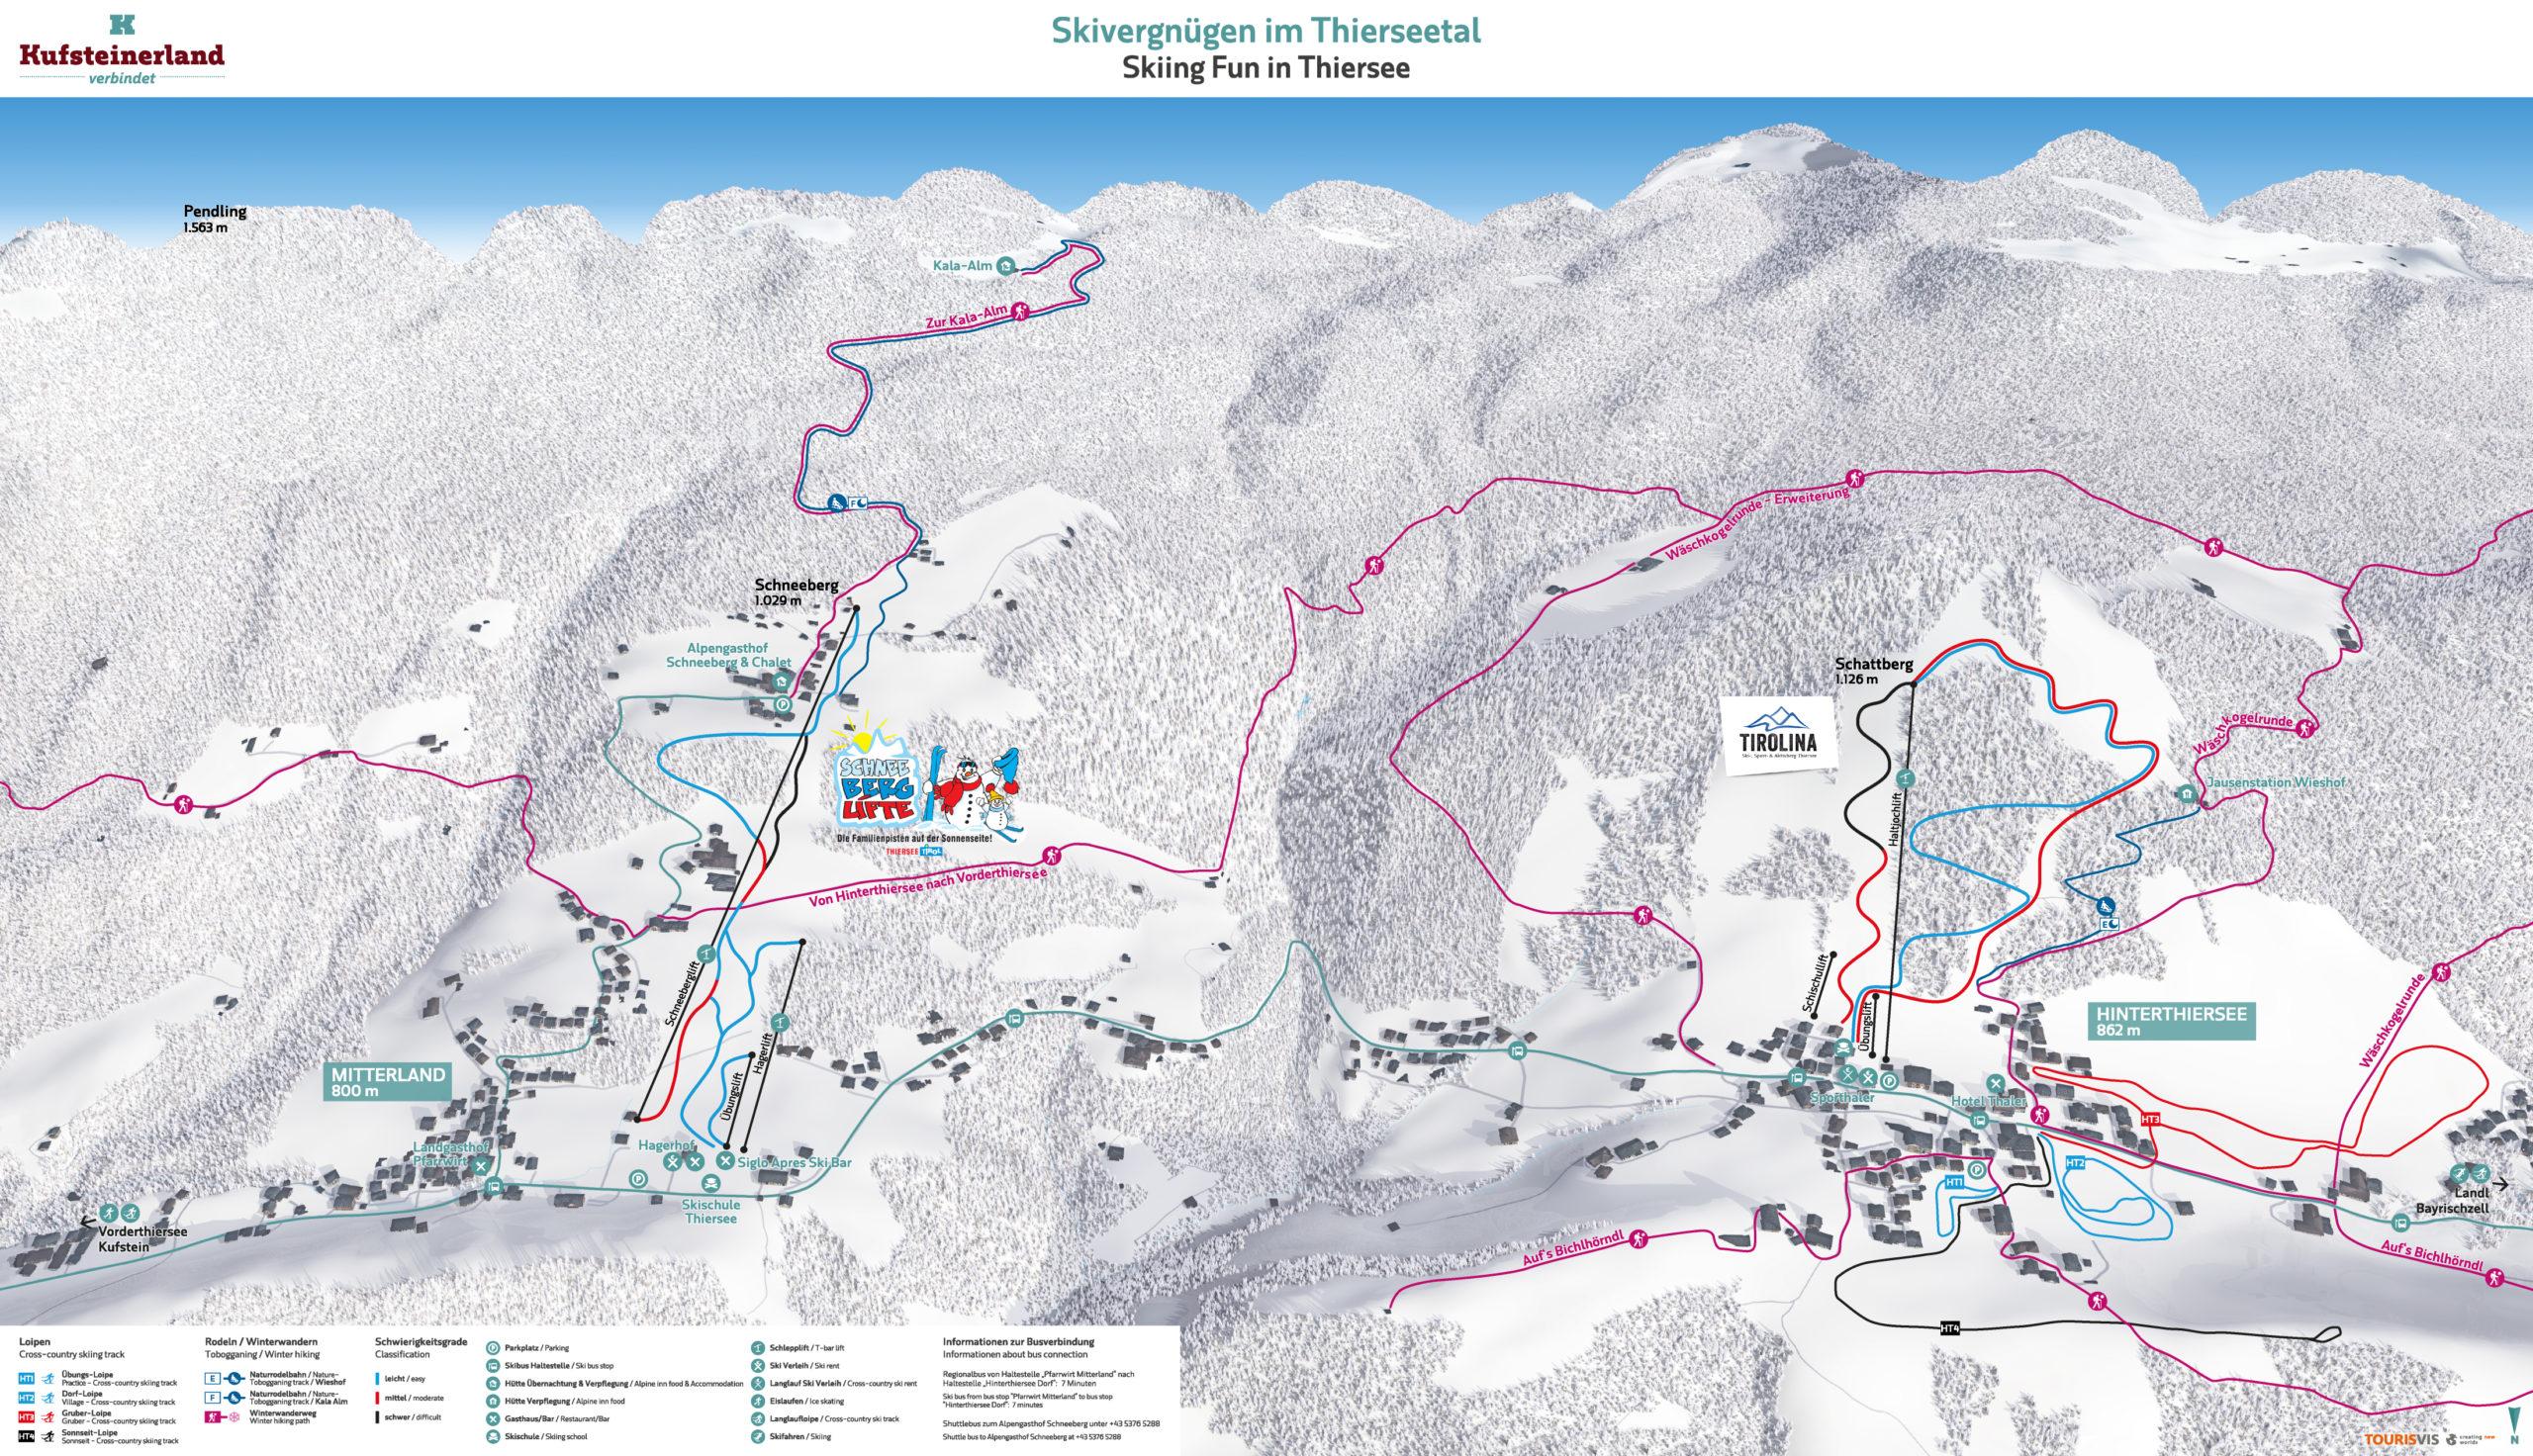 3D Pistenplan und Panoramakarte Winter Kufsteinerland Ski Tirolina Schneeberg-Hagerlifte